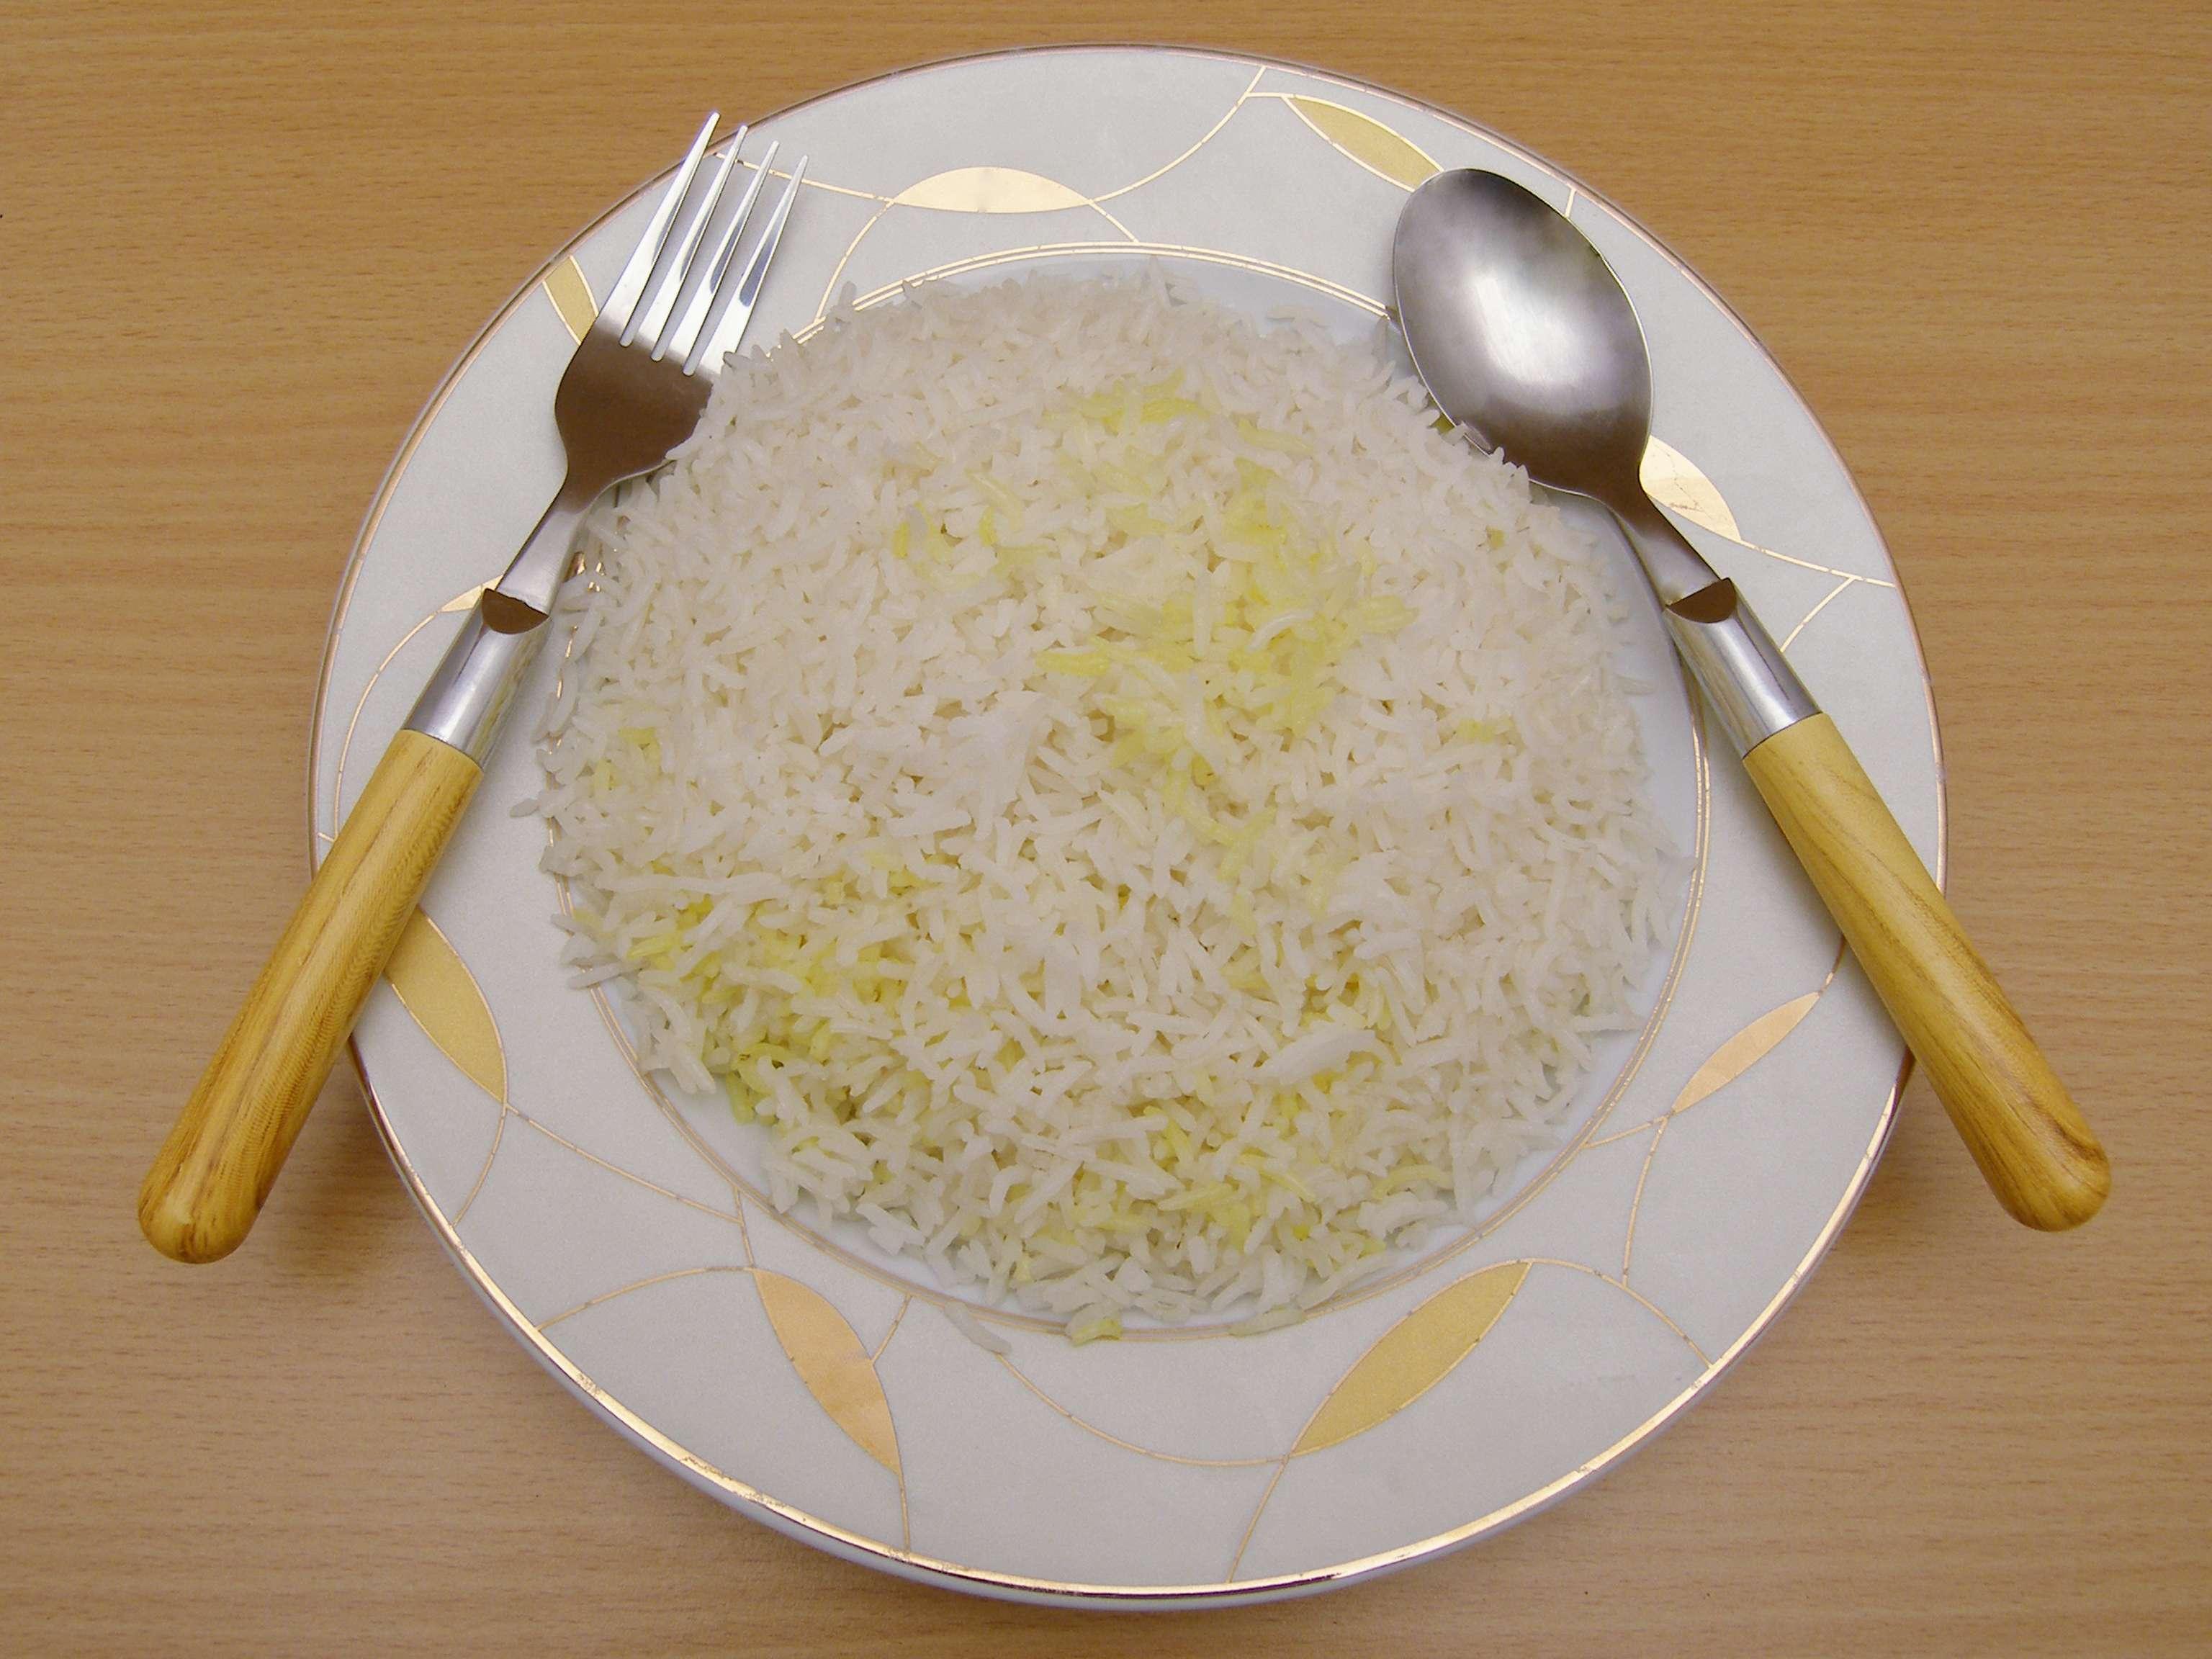 برنج واقعا شکمتان را چاق می کند